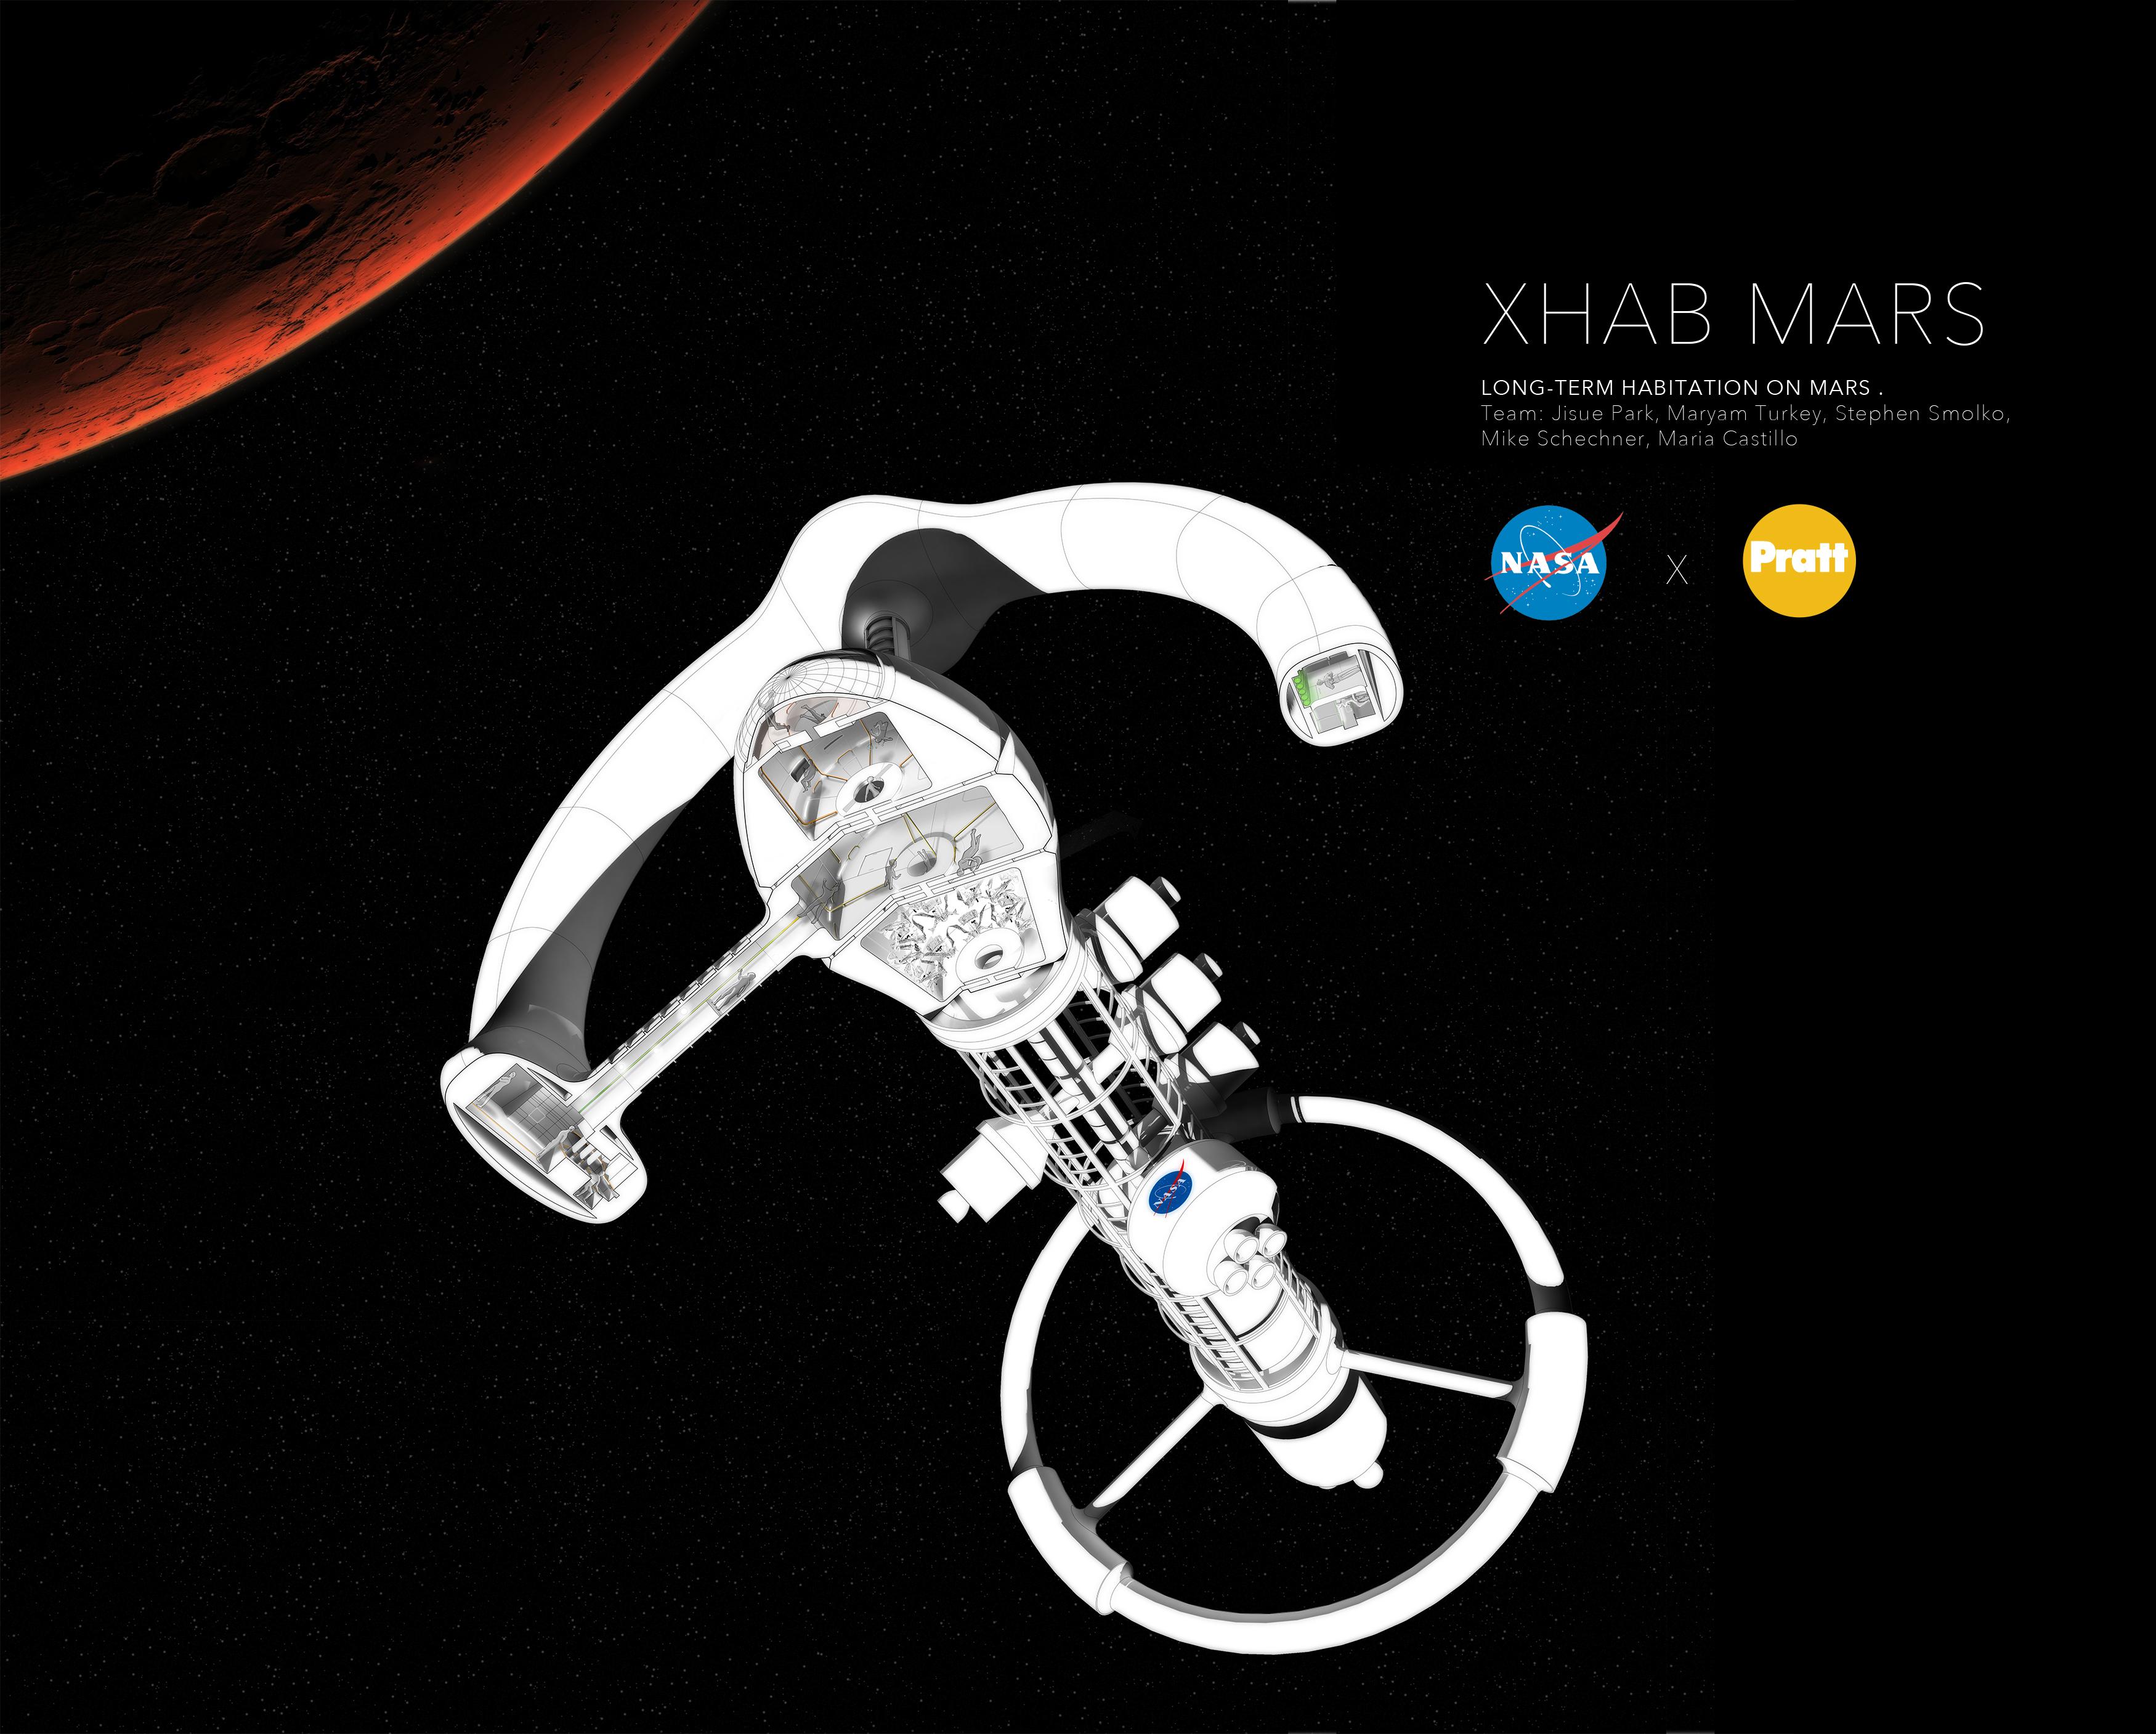 _NASA XHAB